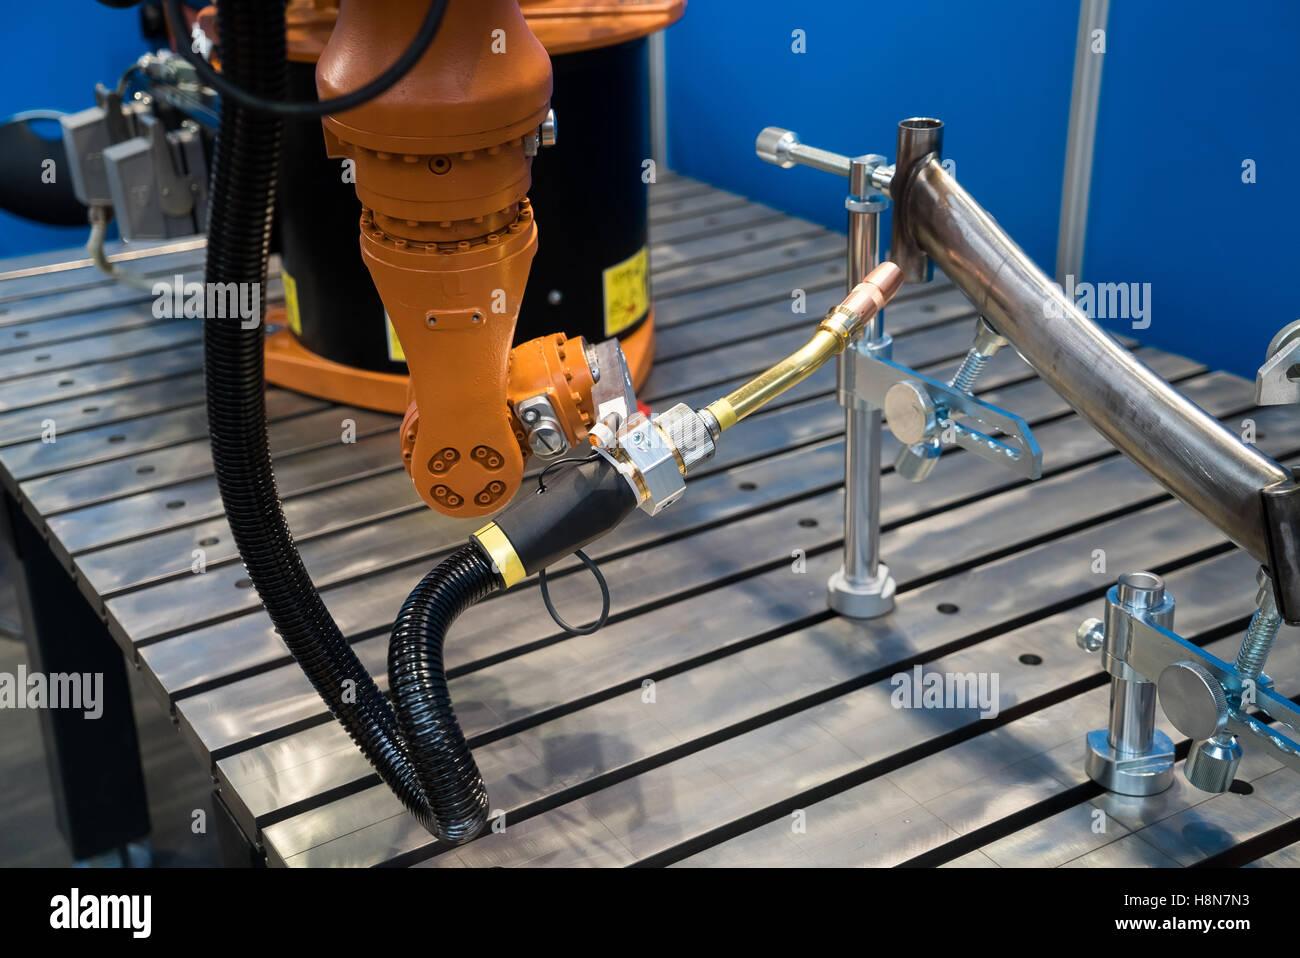 Robot welding equipment - Stock Image